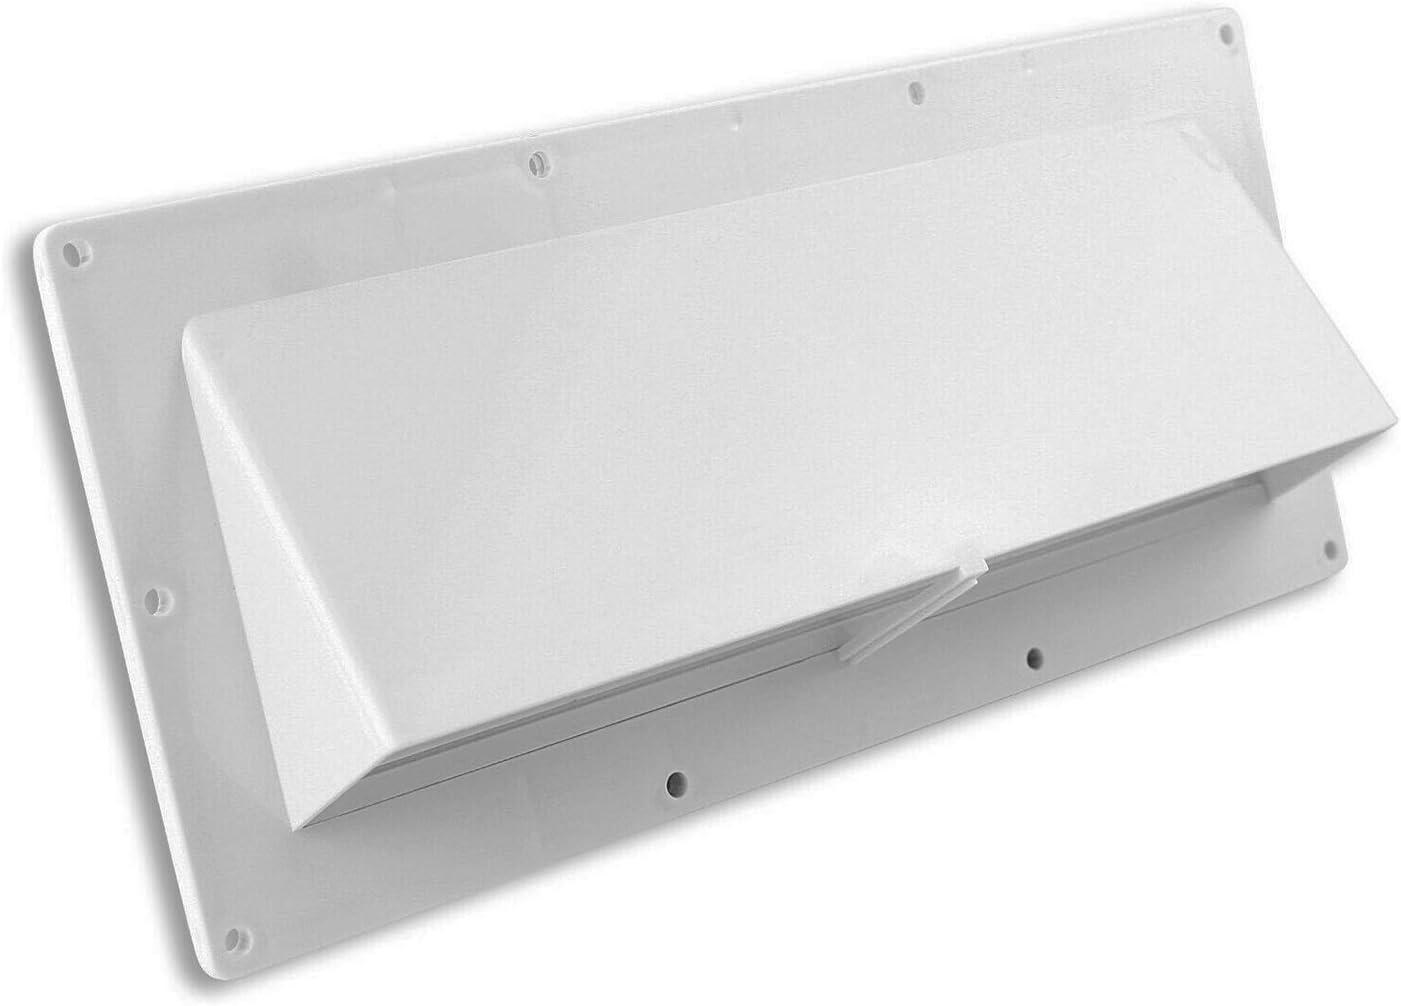 Cikuso VentilacióN de Pared Exterior para VentilacióN de Campana Extractora RV Blanca - con Flapper Mobile Home Camper: Amazon.es: Coche y moto